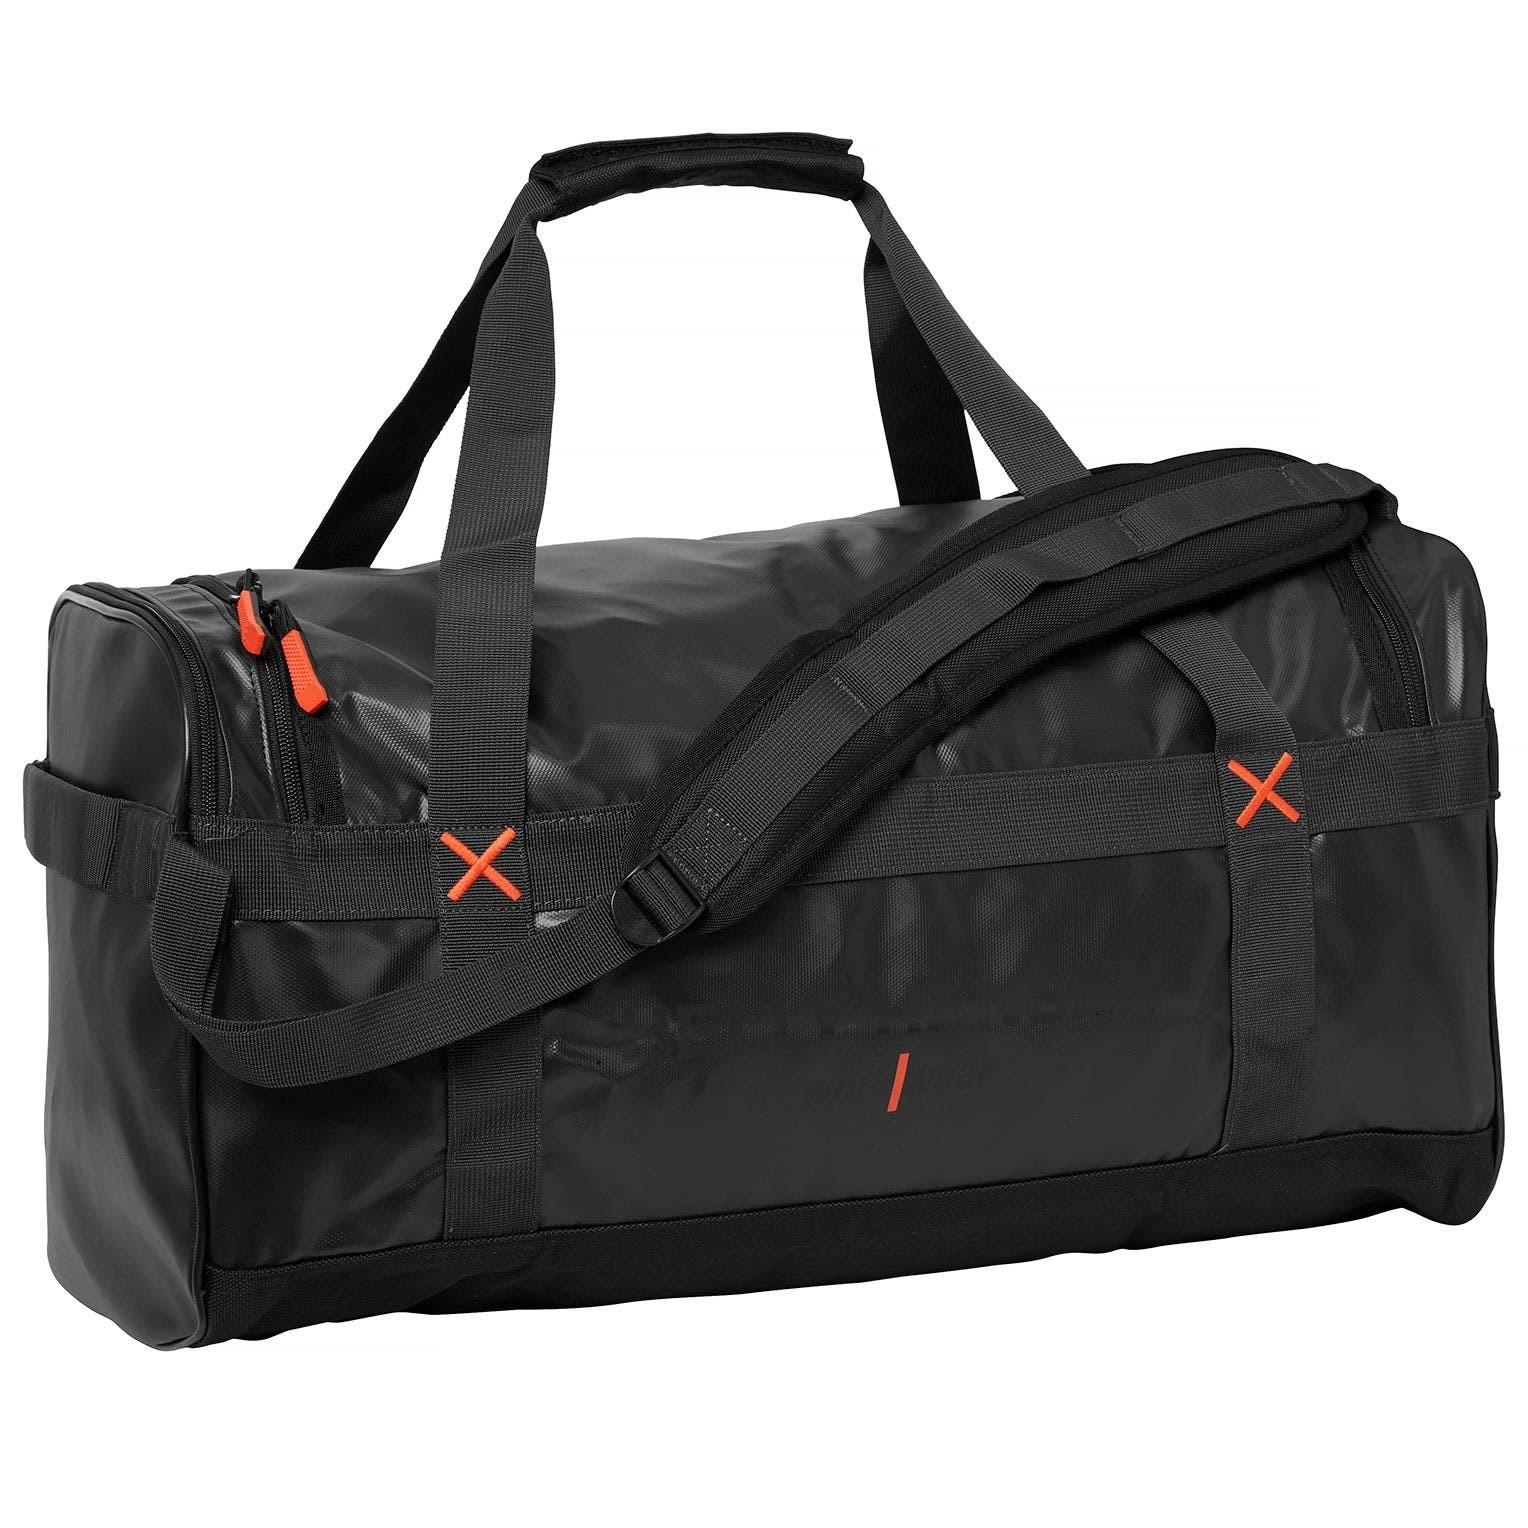 Helly Hansen Duffel Bag 79573 zwart 70liter